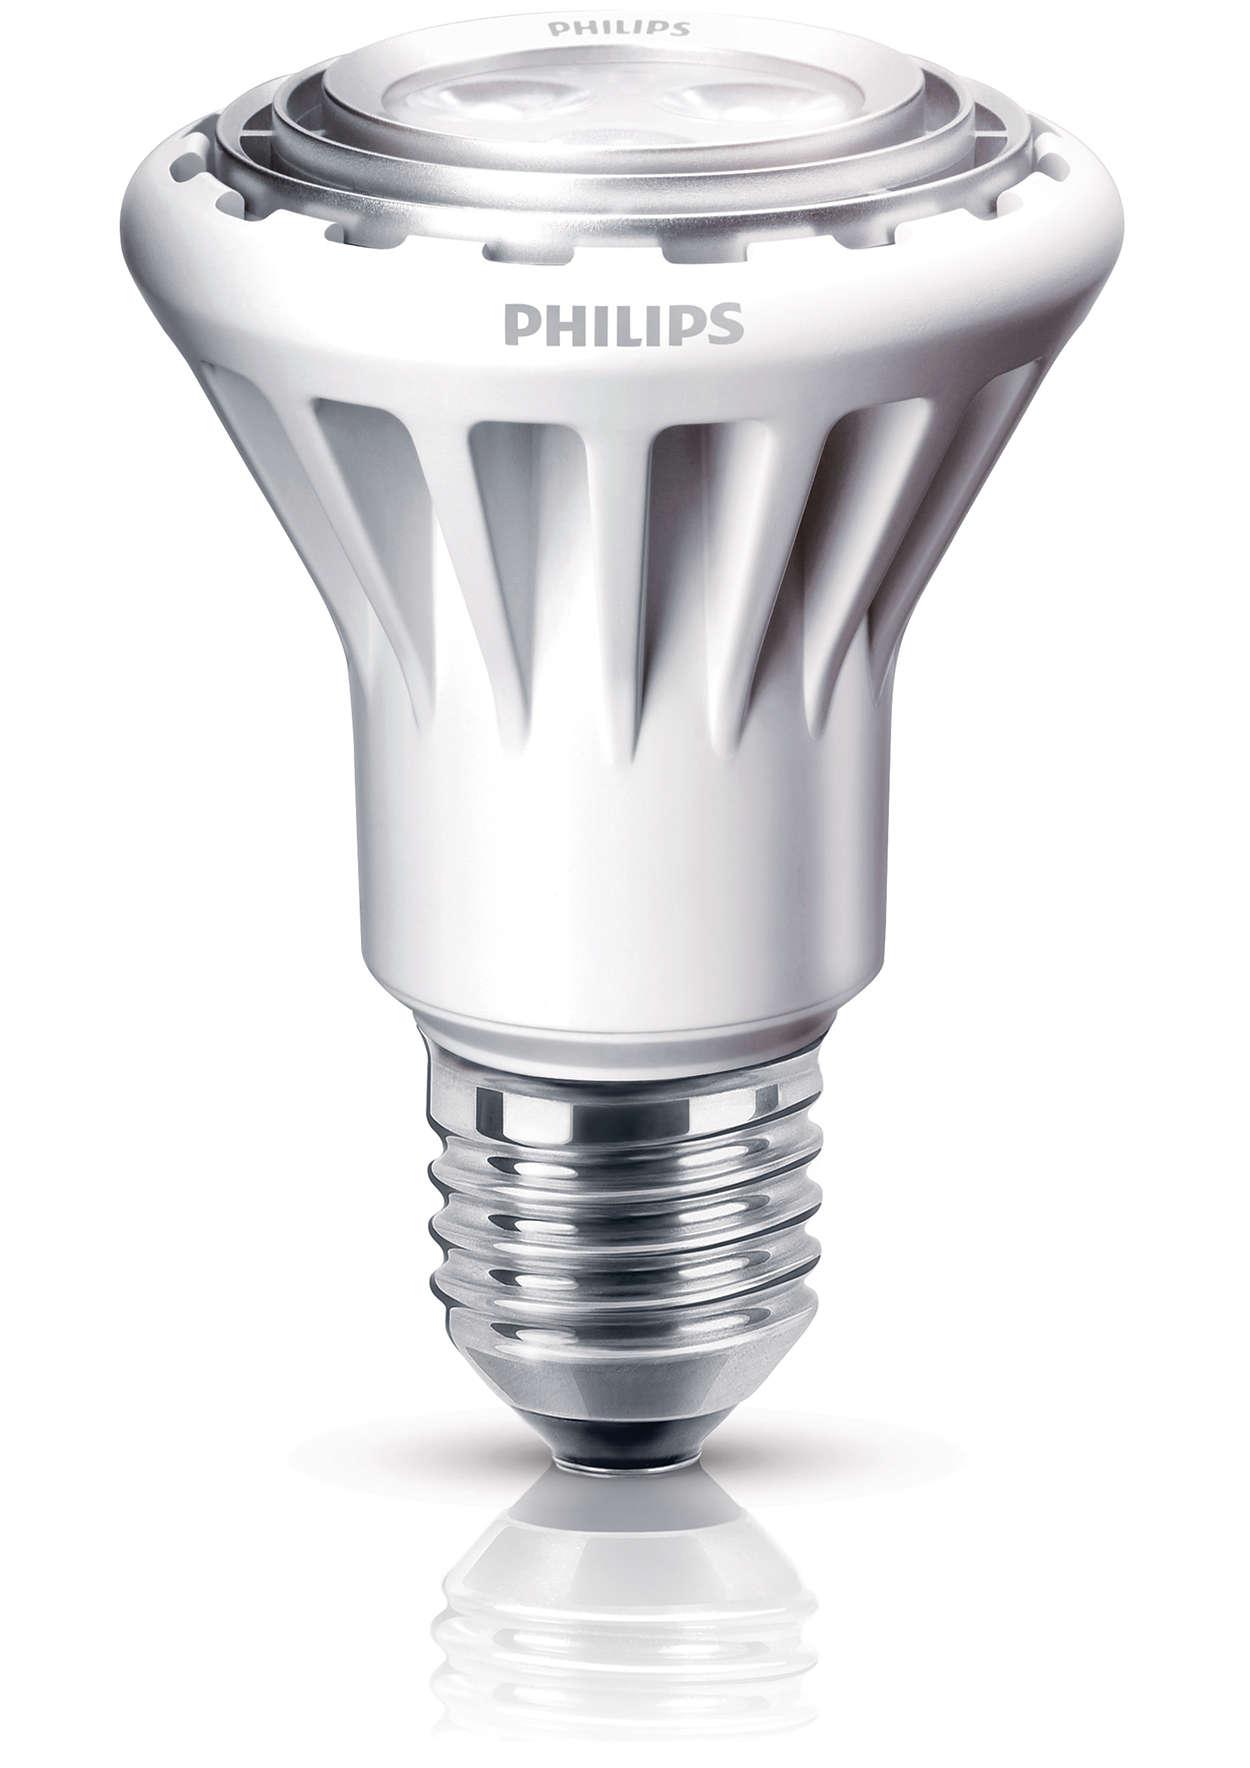 Una luce familiare che incontra un design innovativo